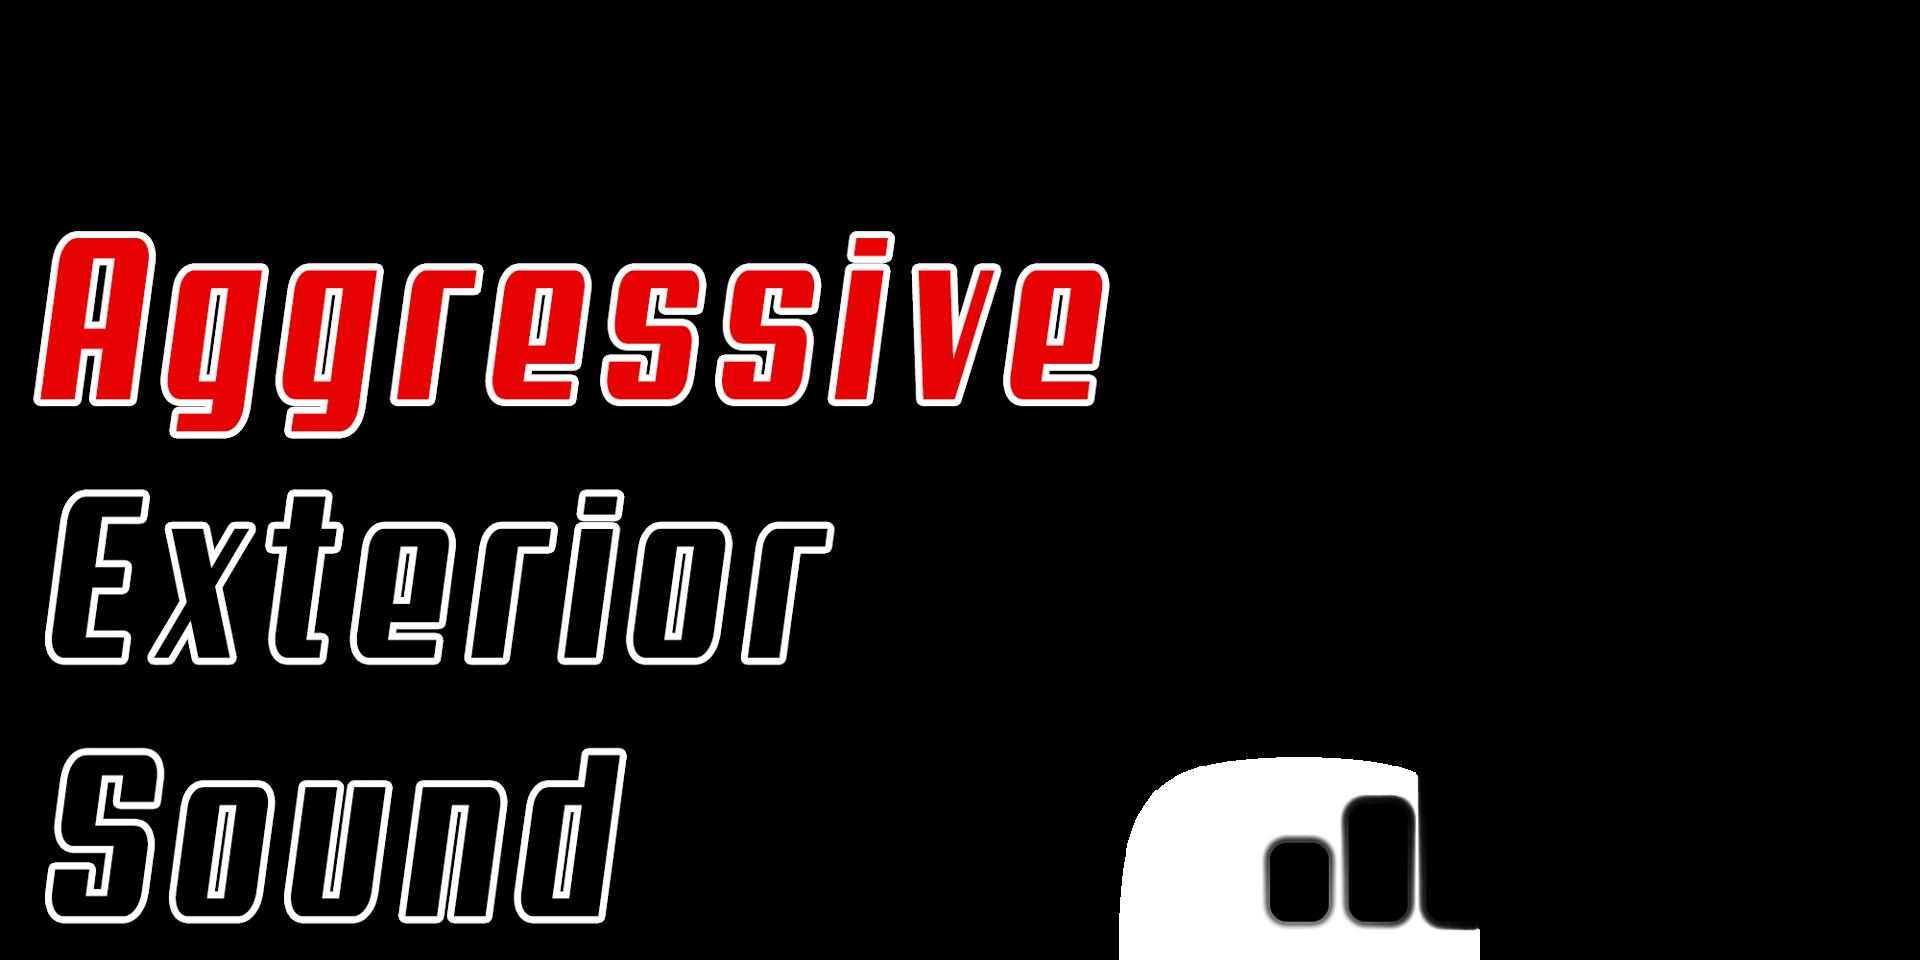 Aggressive Exterior Sound